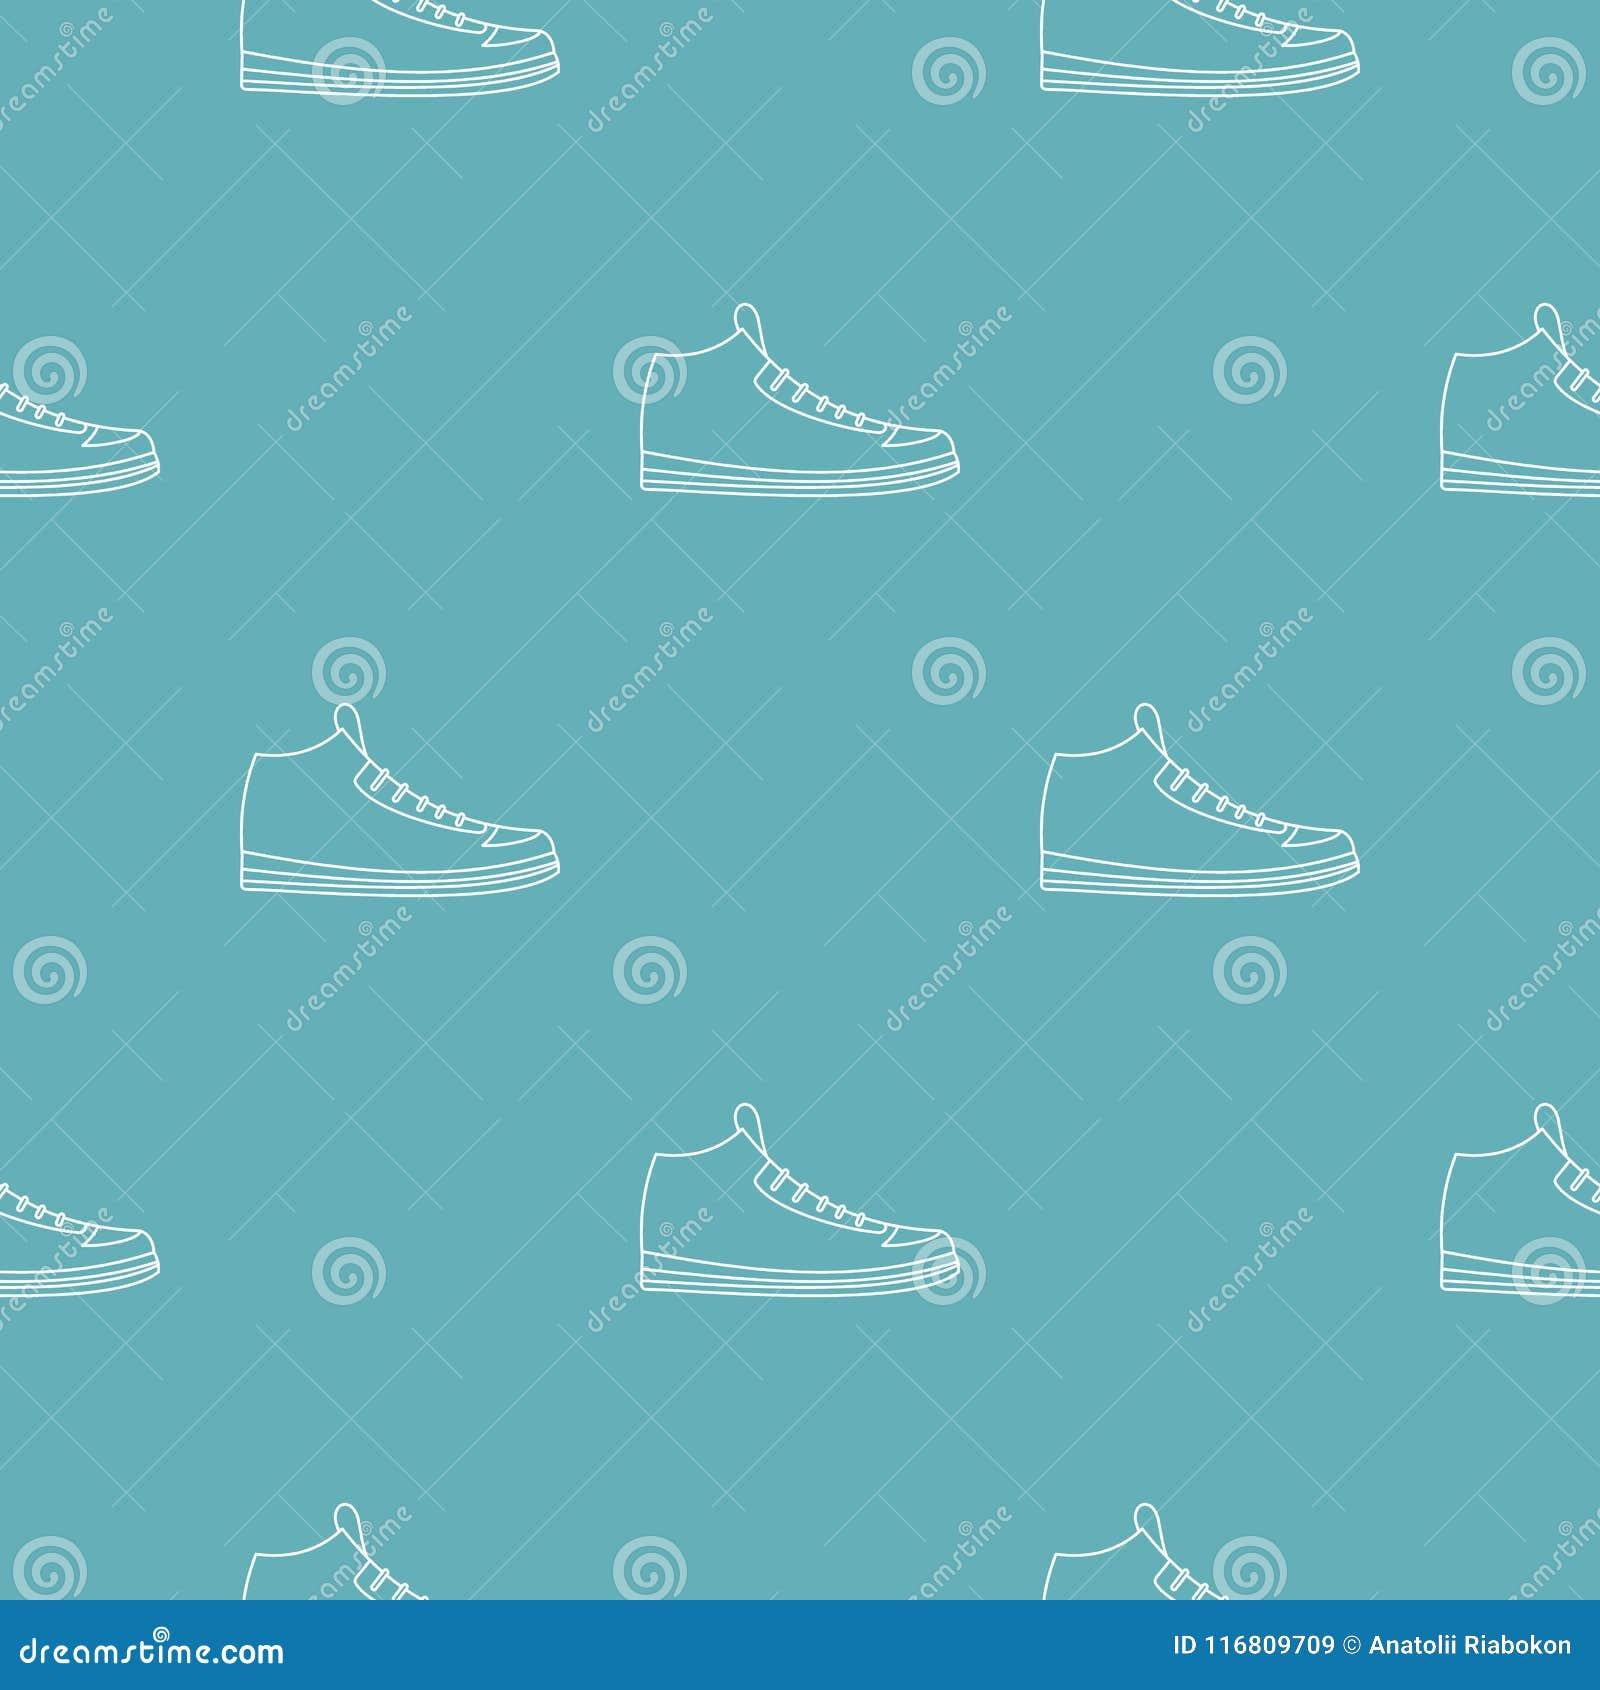 Vettore del modello delle scarpe da tennis senza cuciture